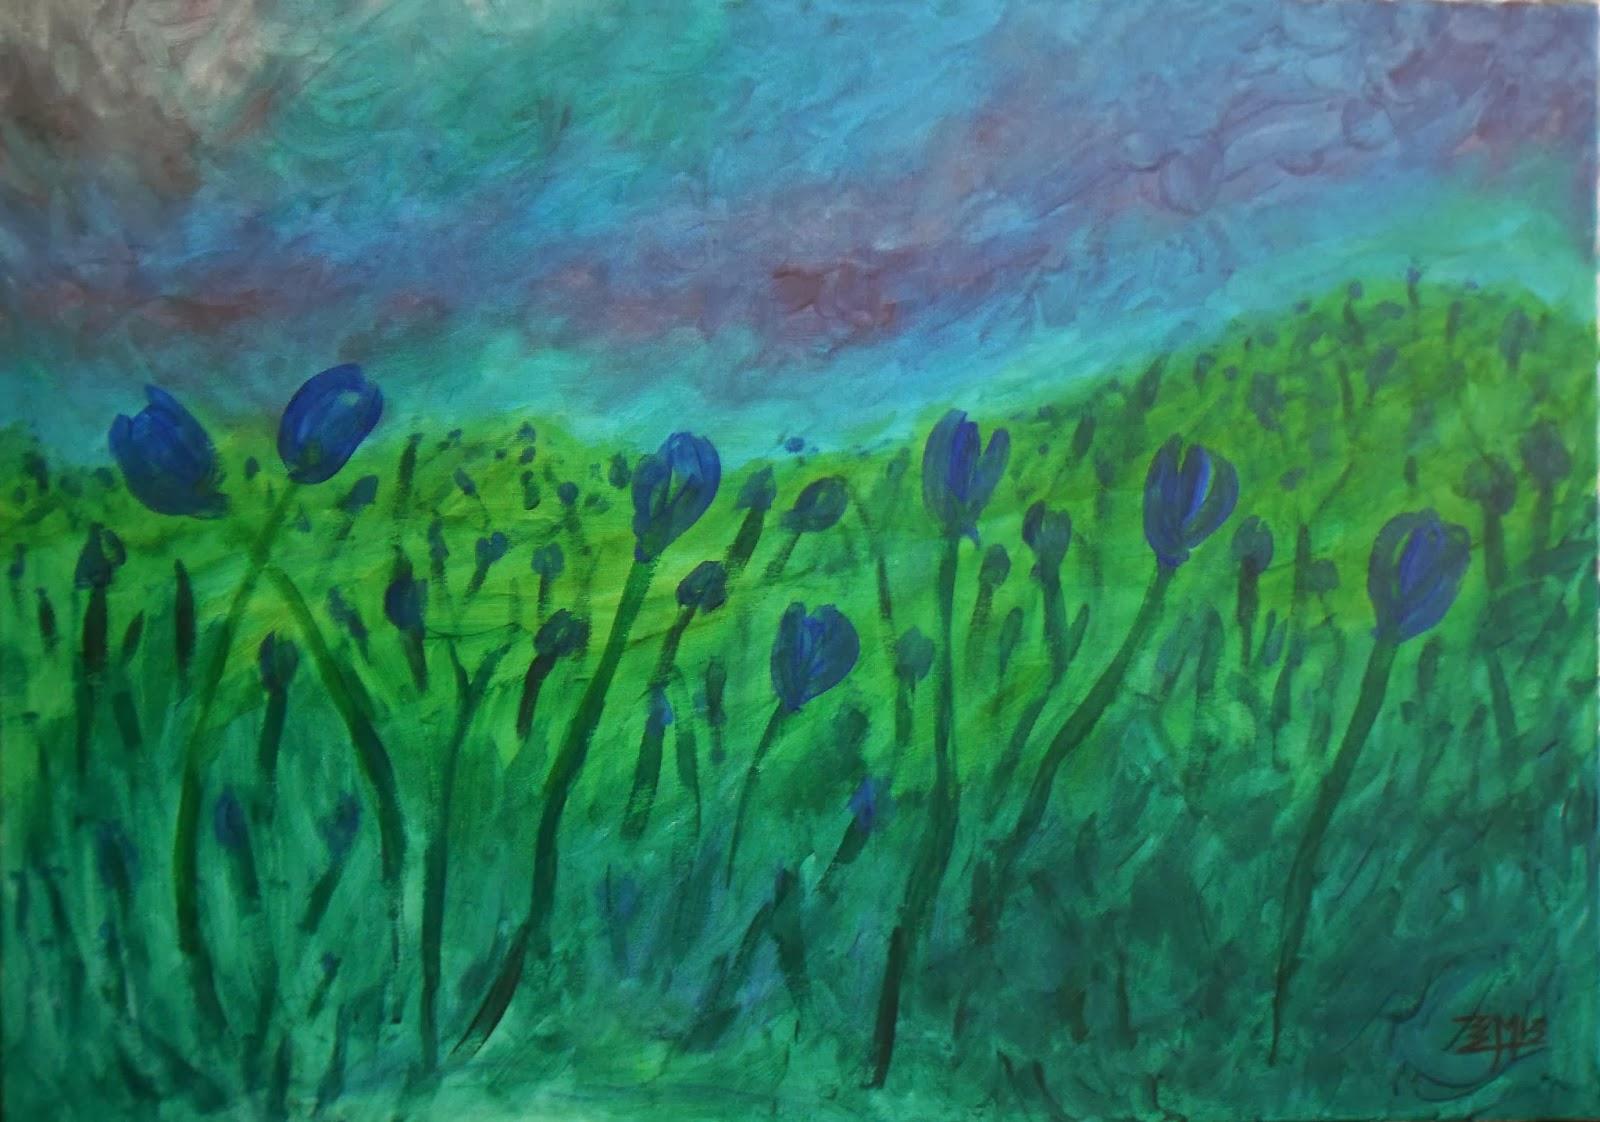 Arte abstracto, expresionismo, tulipanes, óleo y acrílico, www.eliasmonsalve.com, facebook.com/eliasmons